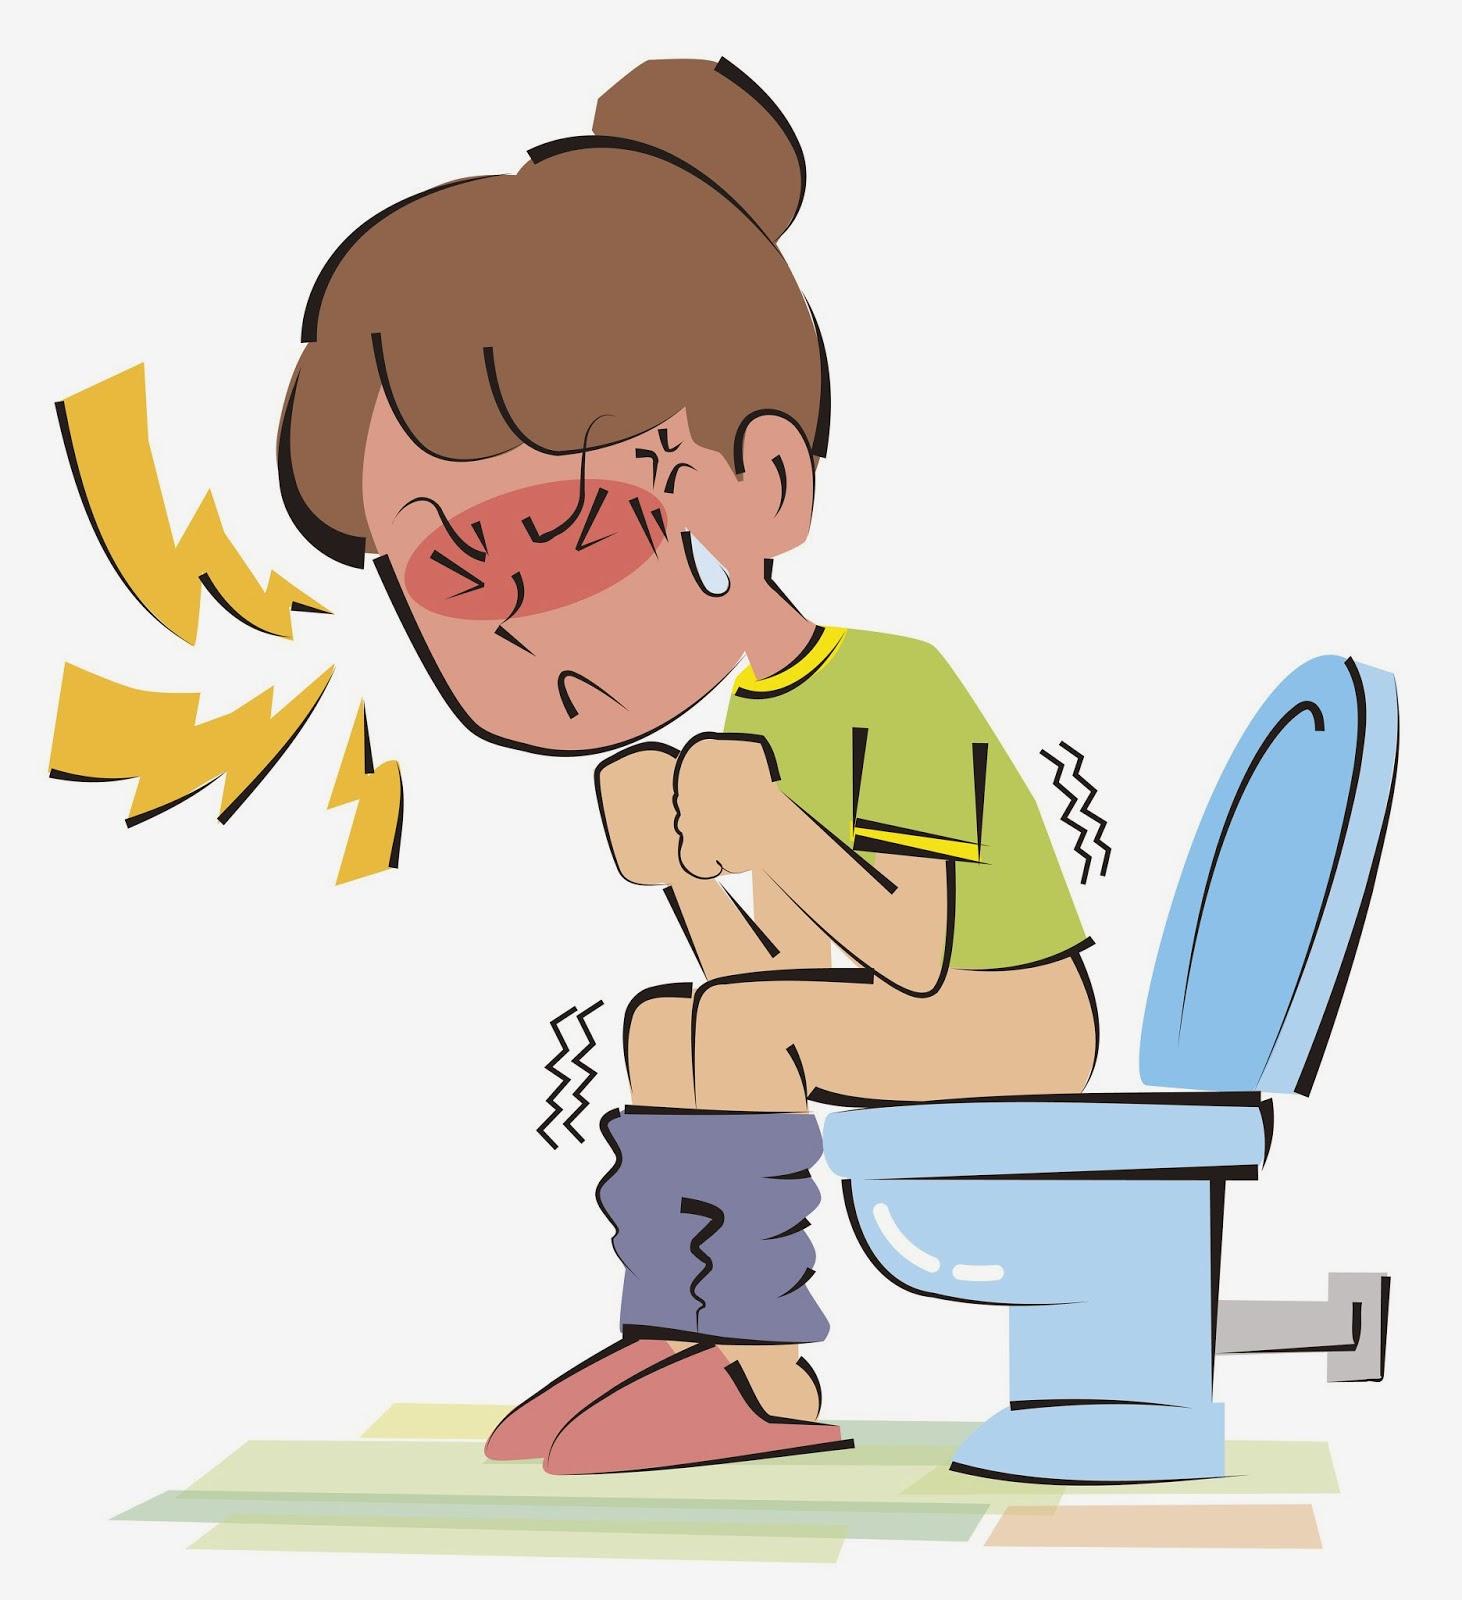 Obat Batu Ginjal Licensed For Non Commercial Use Only Wasir Hemmorhoida Ambien Ambeien Bpom Penyakit Atau Merupakan Salah Satu Jenis Yang Sangat Mengganggu Dan Membuat Penderitanya Menjadi Tidak